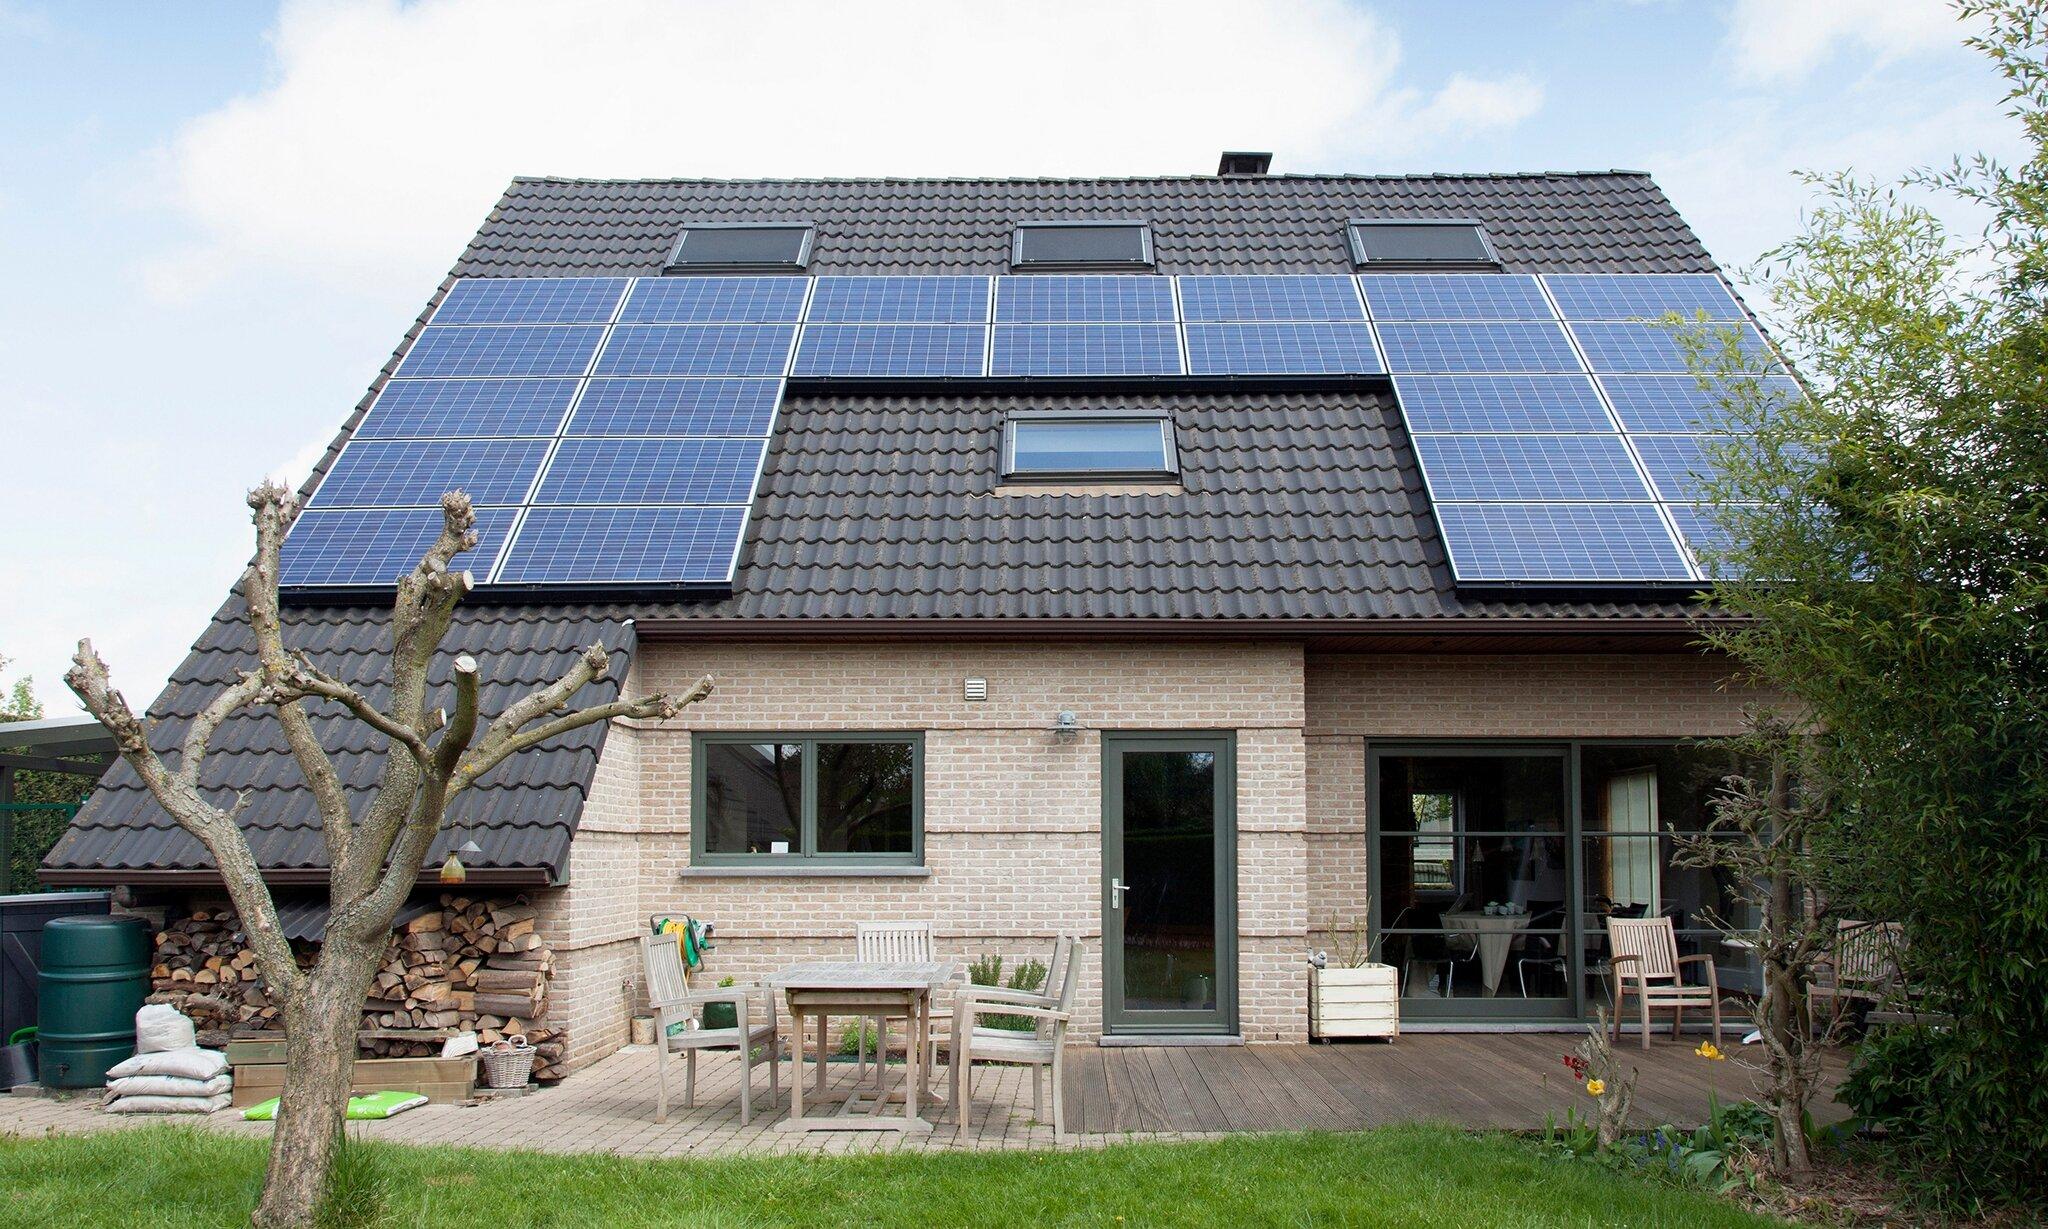 Photovoltaik Berechnen Sie die Rendite Ihrer Solaranlage ...